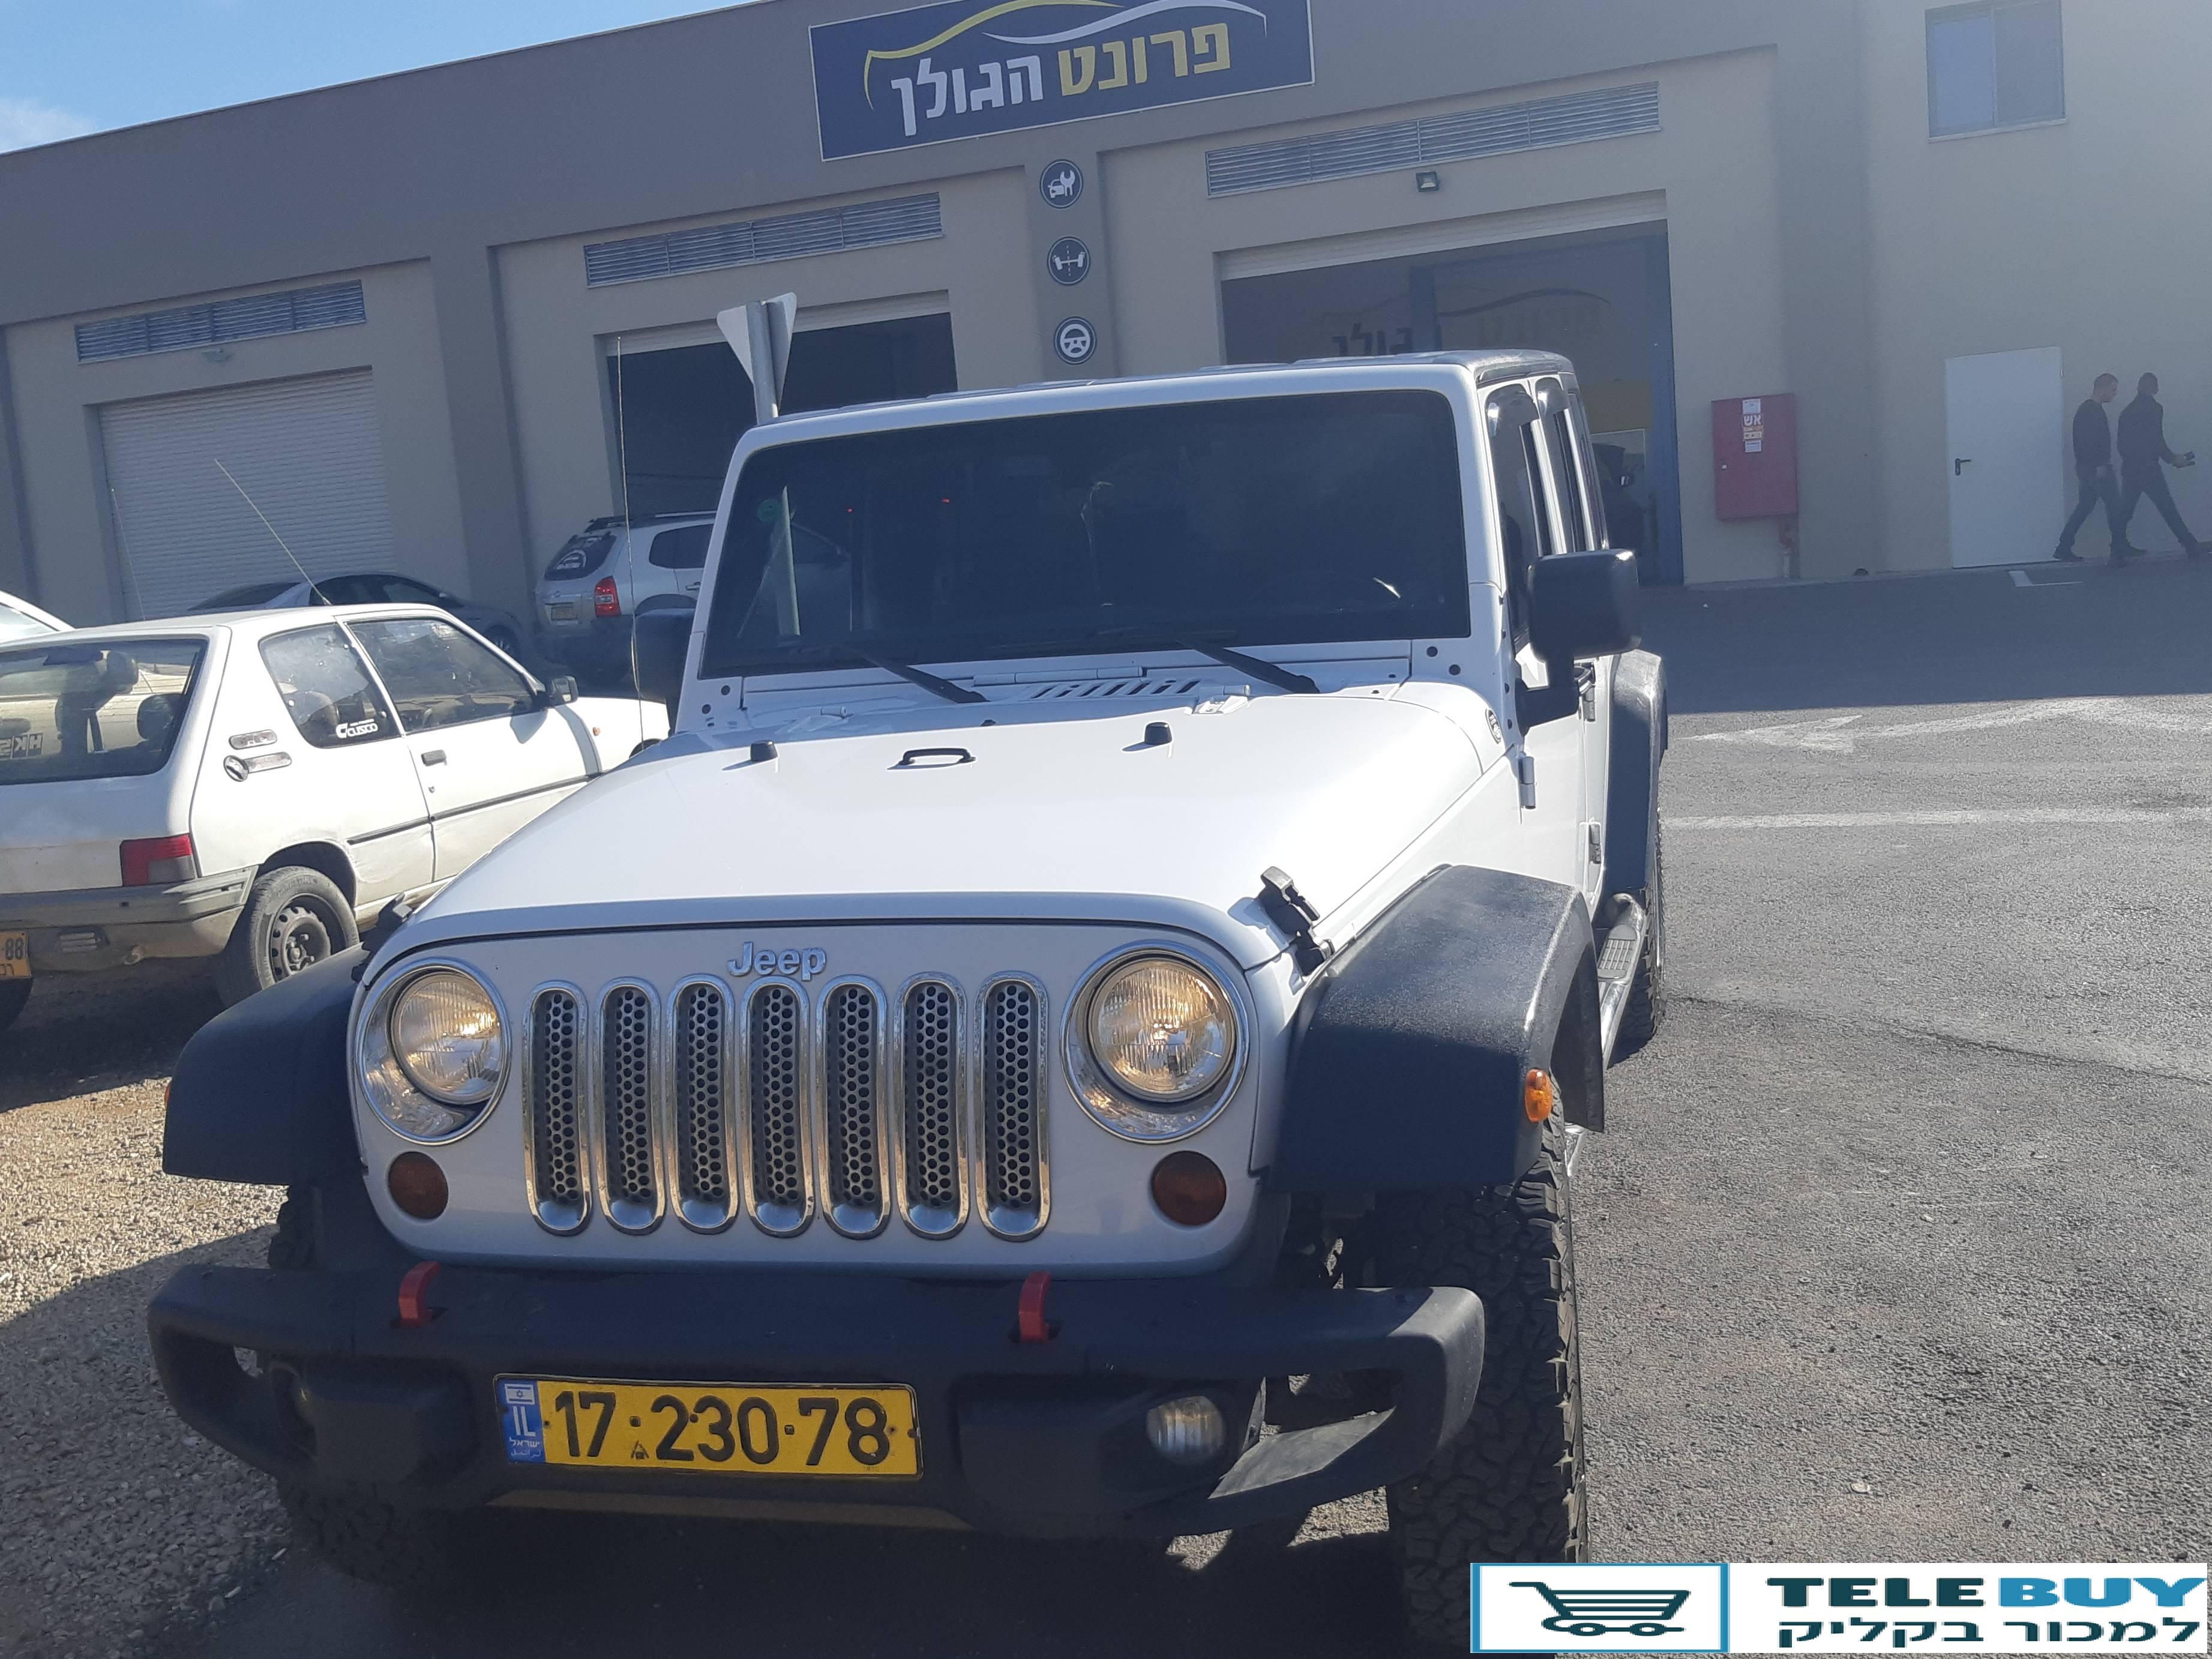 ג'יפ / Jeep רנגלר ארוך בהגליל והגולן